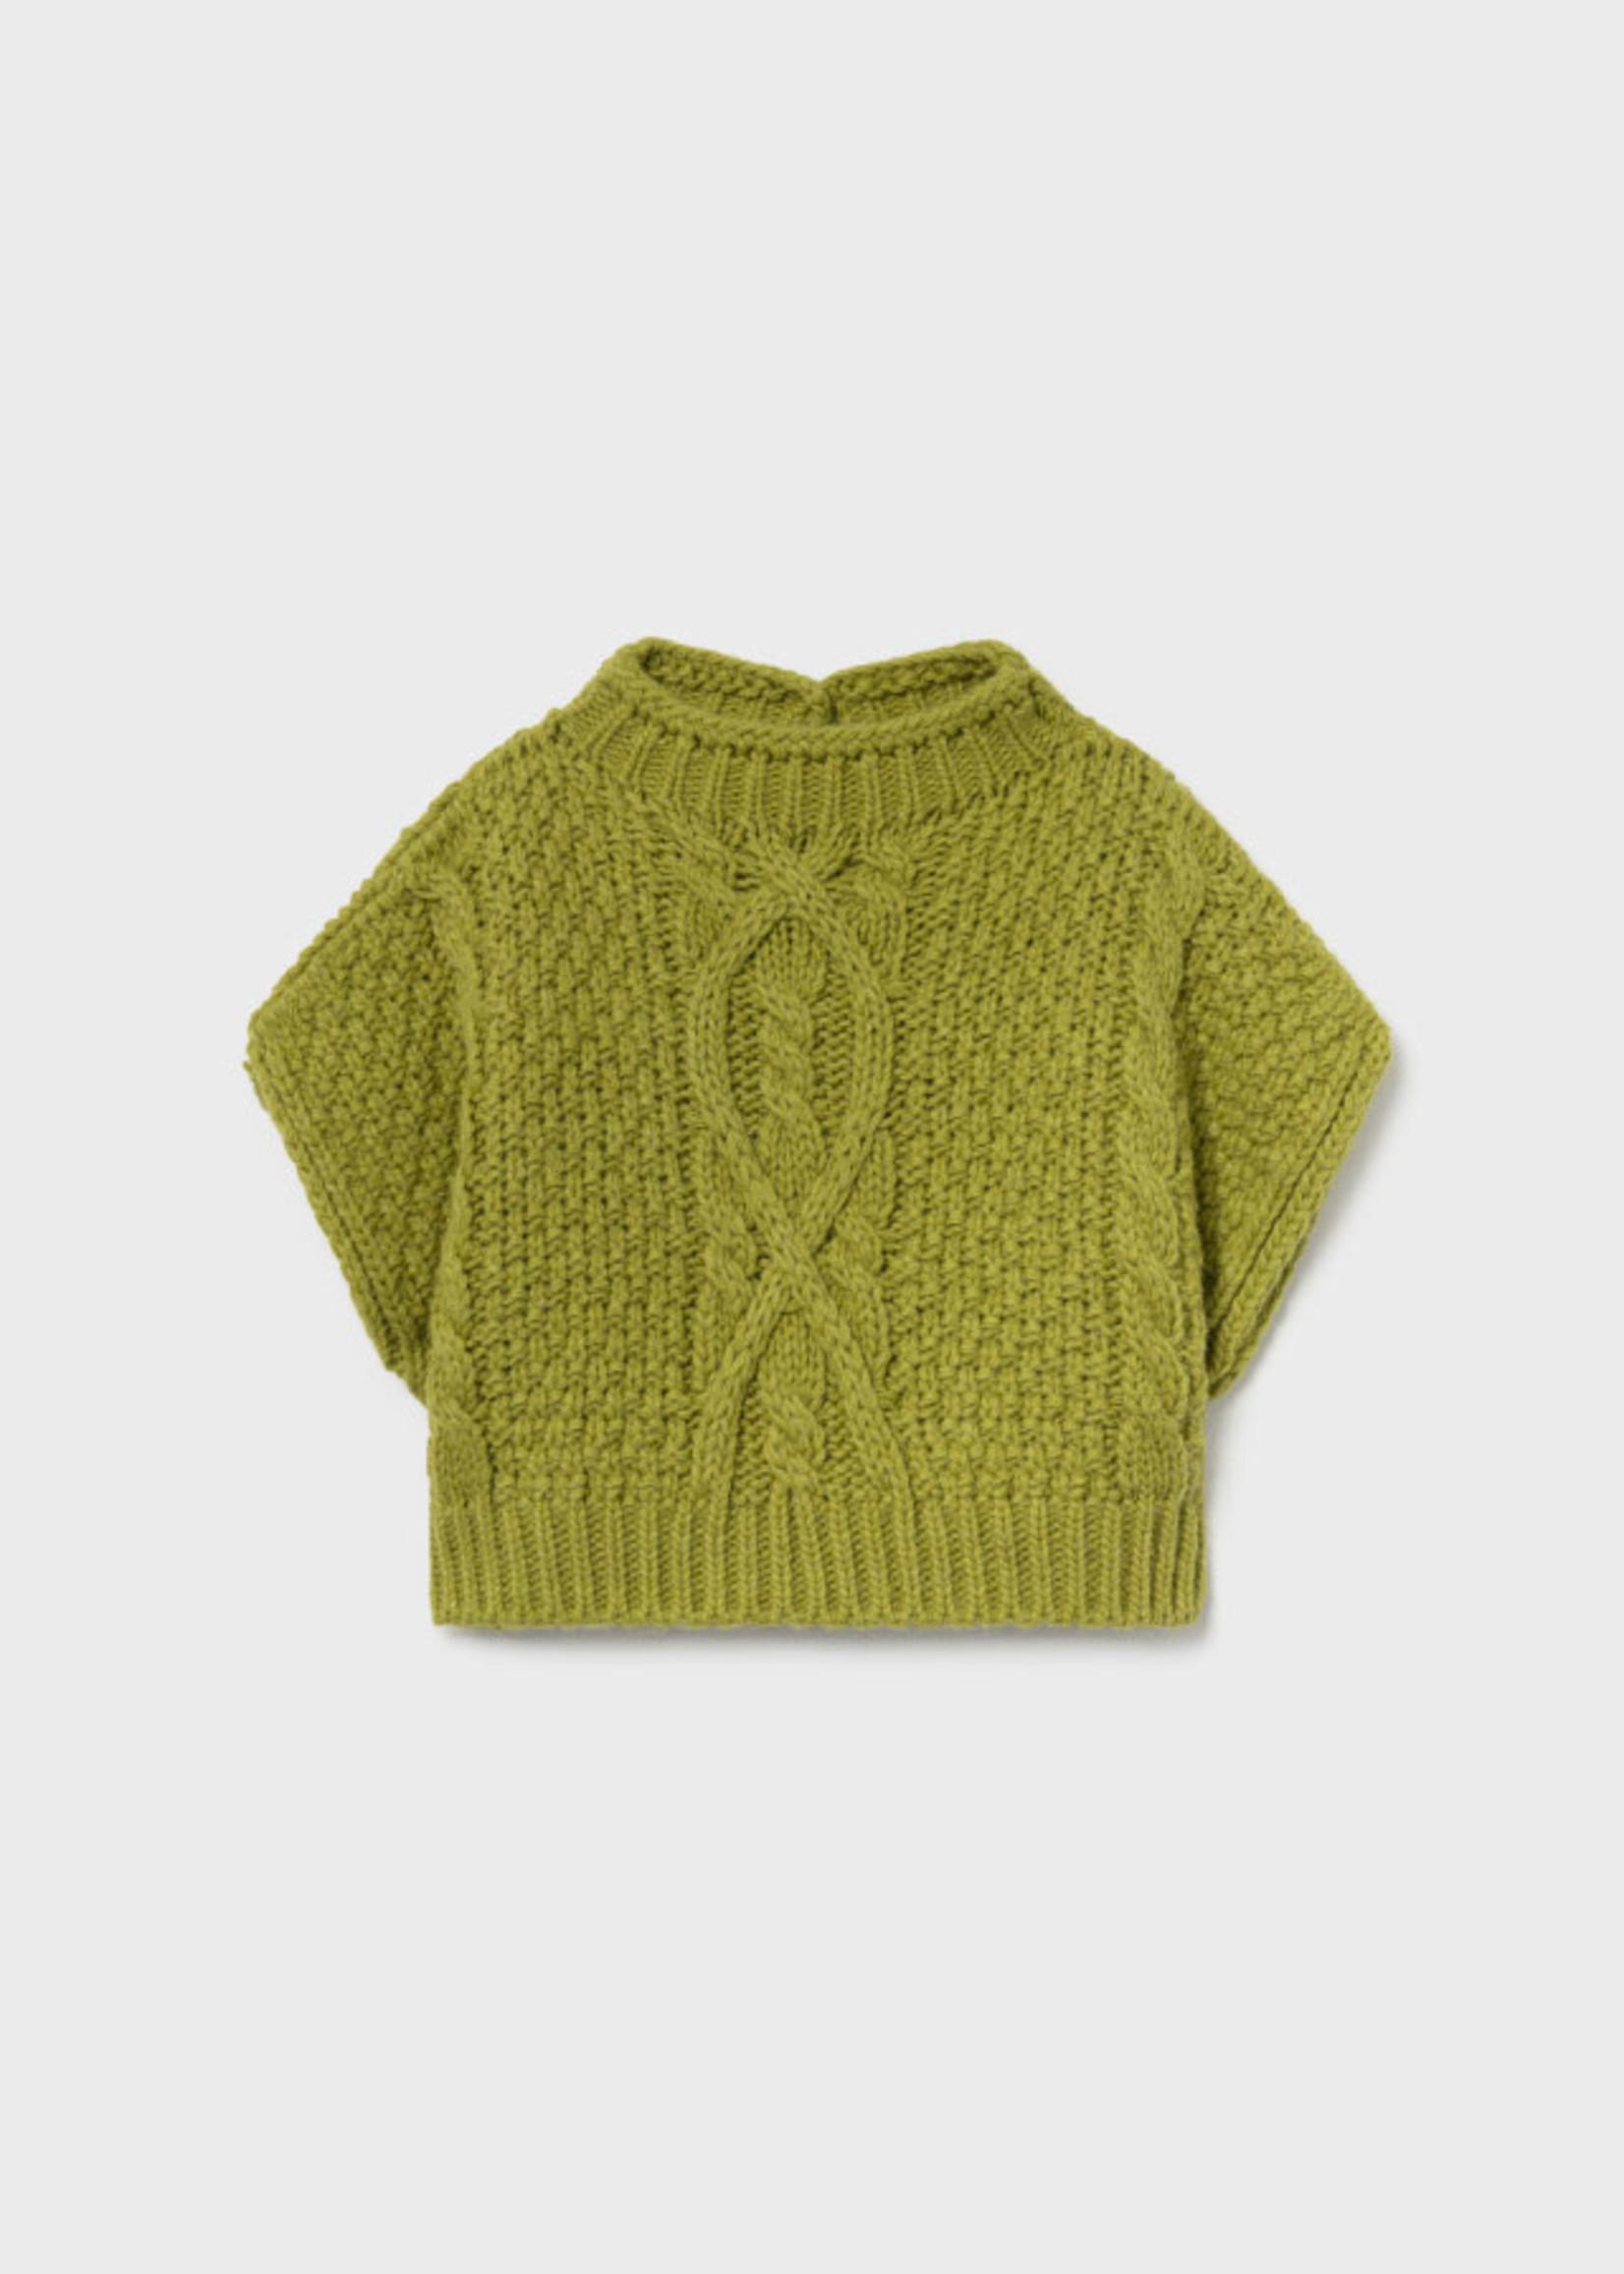 MAYORAL MAYORAL Debardeur knitting vest olive